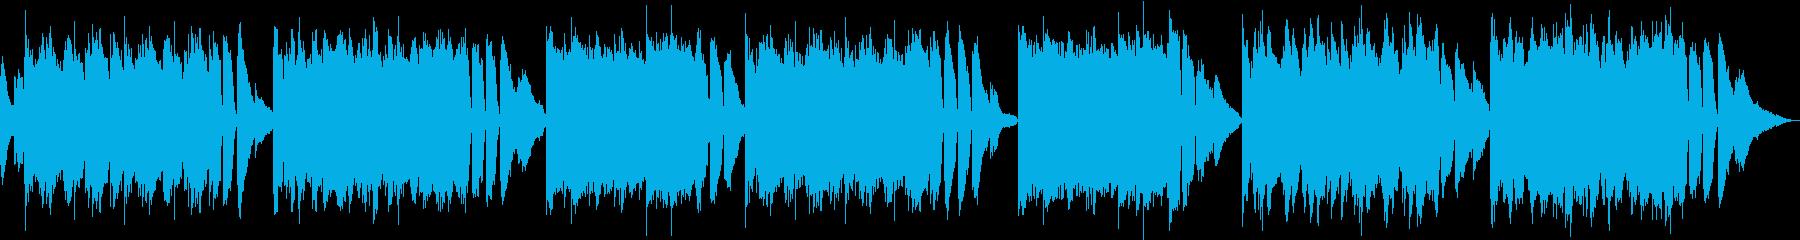 清らかな水の流れをイメージしたピアノ曲の再生済みの波形